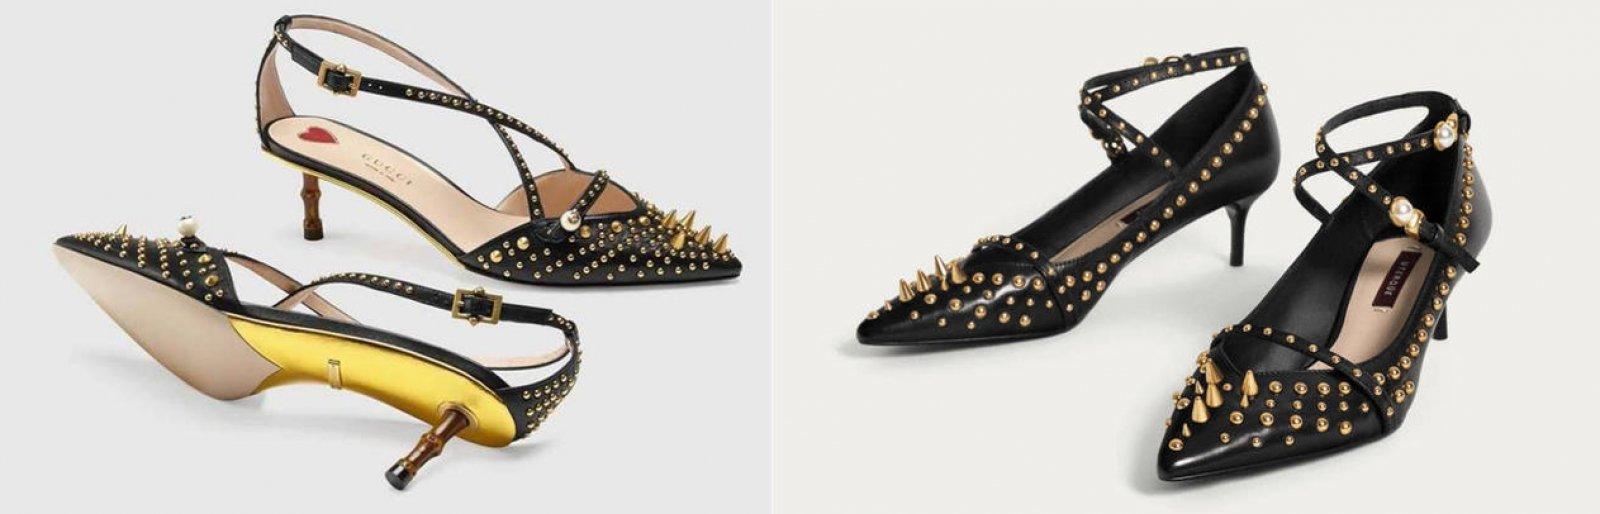 Los zapatos de Gucci vs. la versión de Uterqüe que ha lucido la reina Letizia